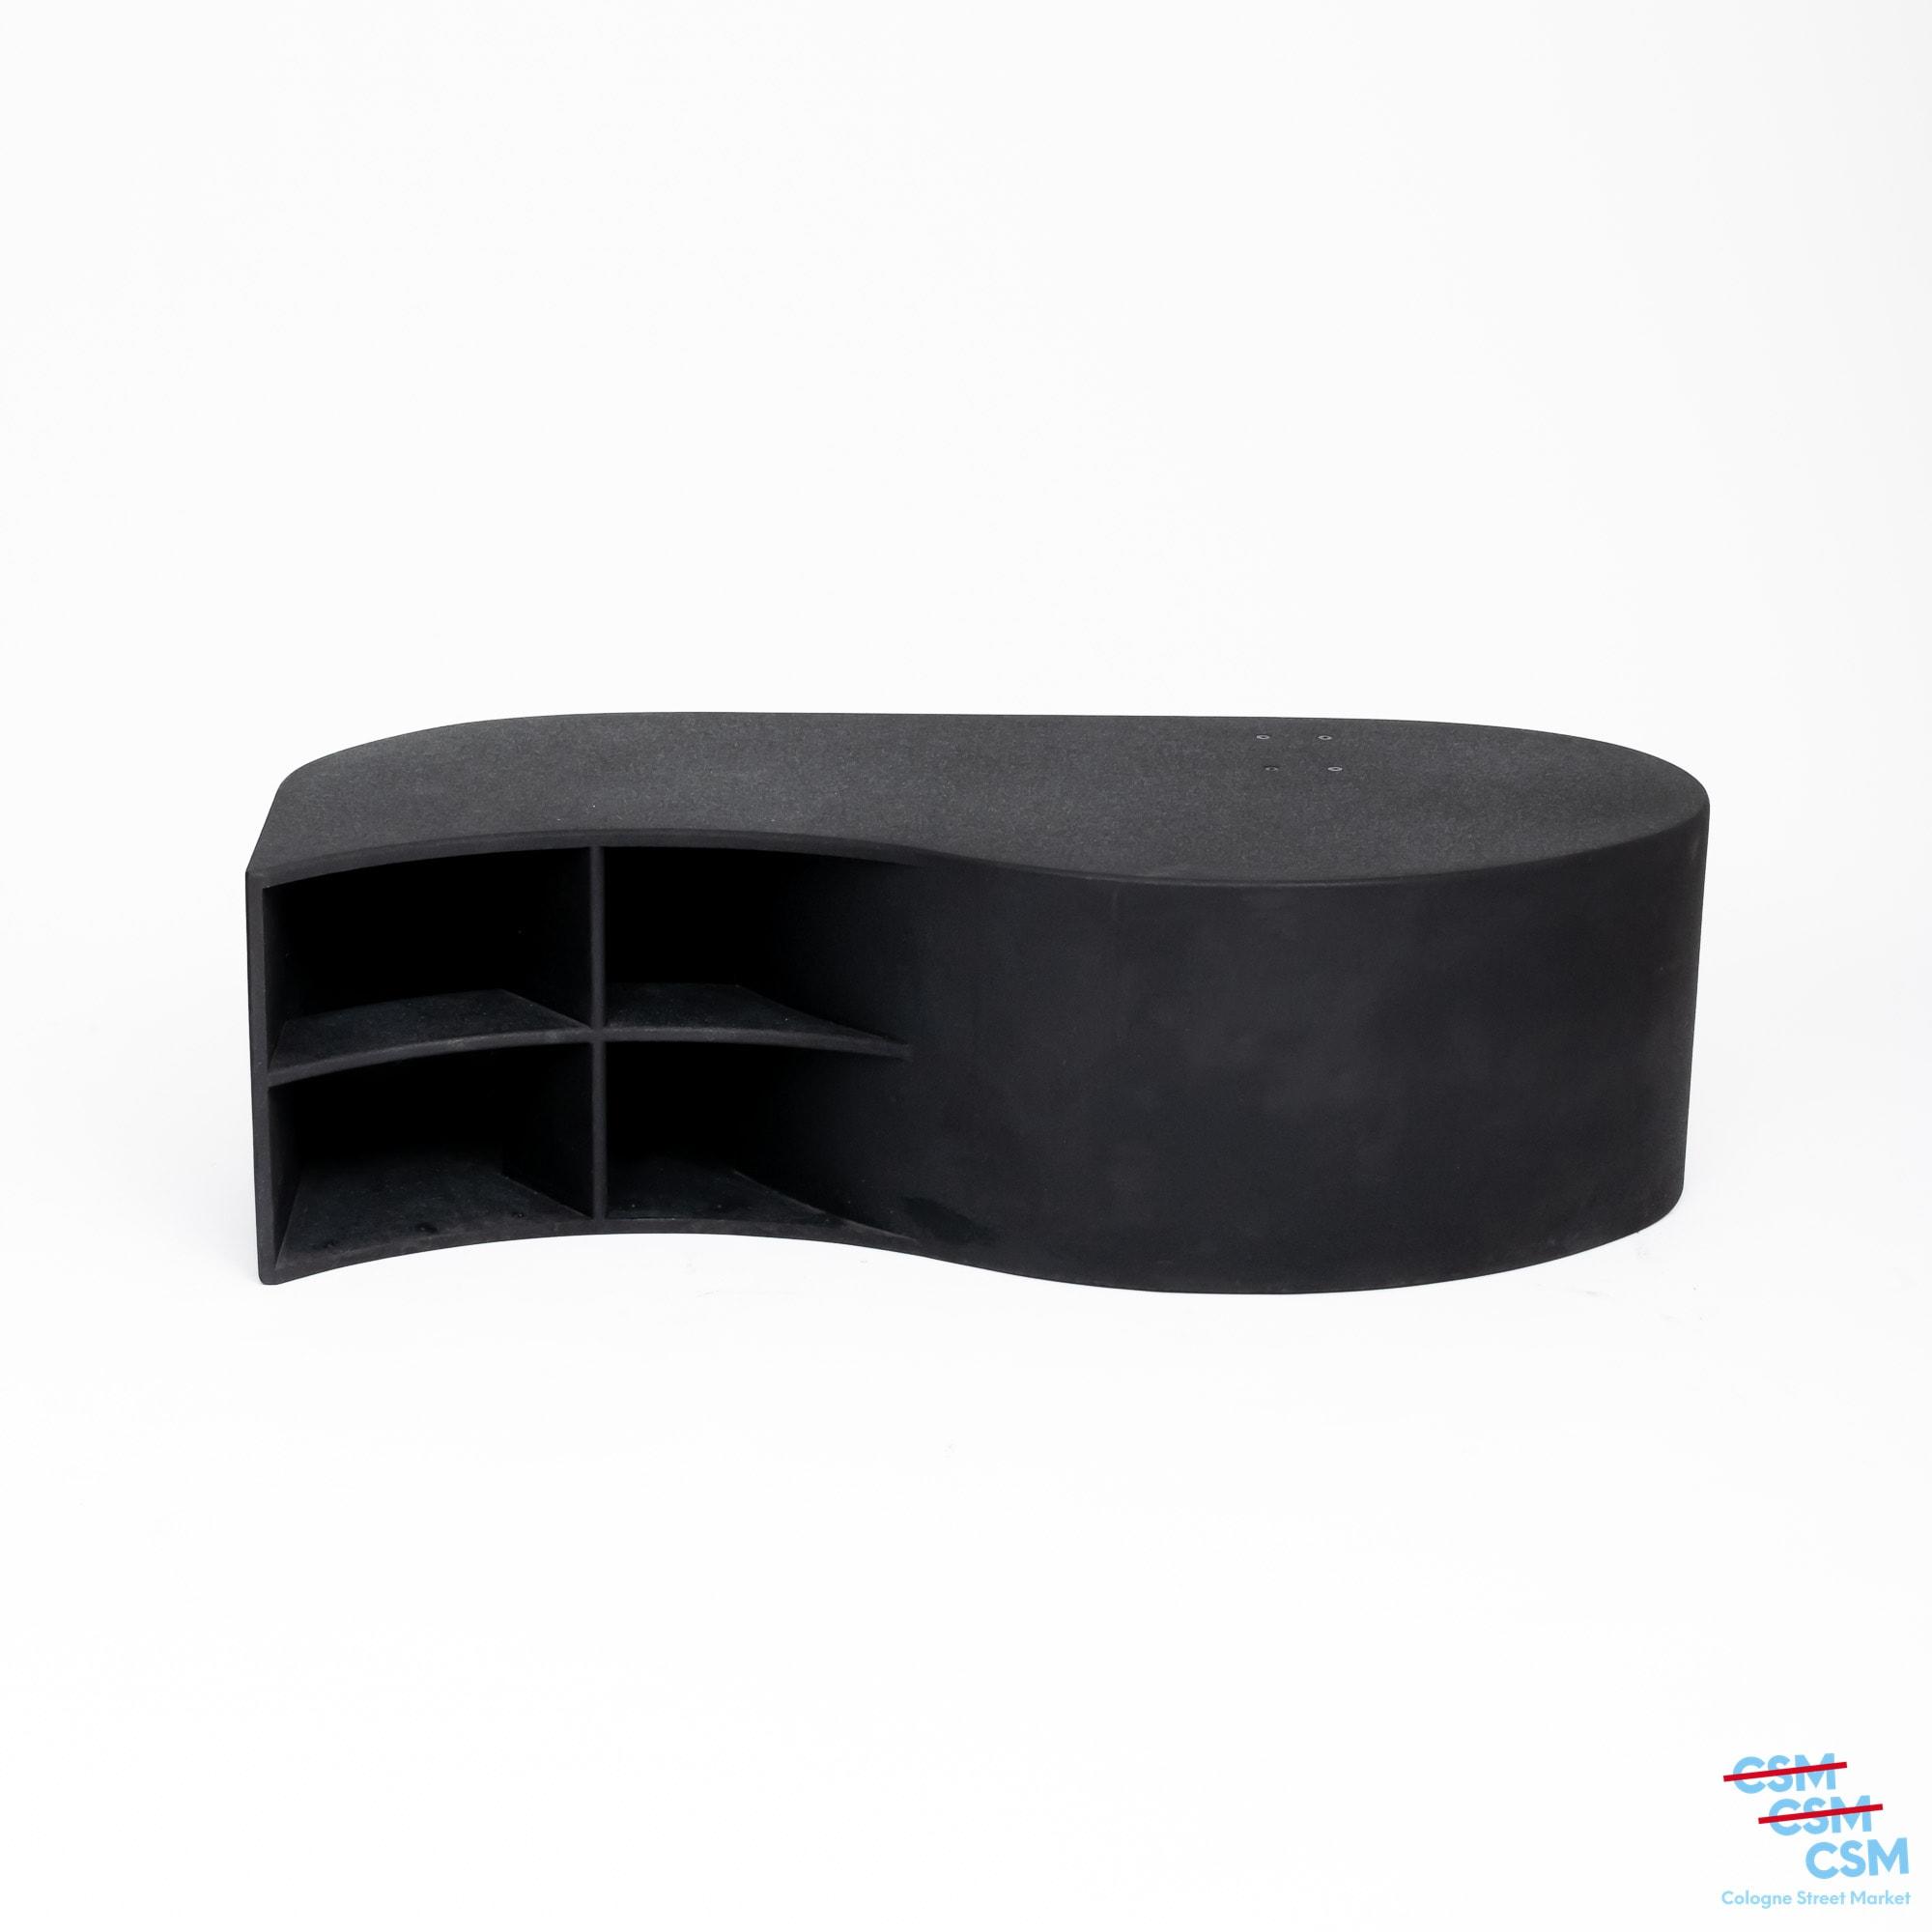 Void Acoustics Waveform 215 gebraucht 1